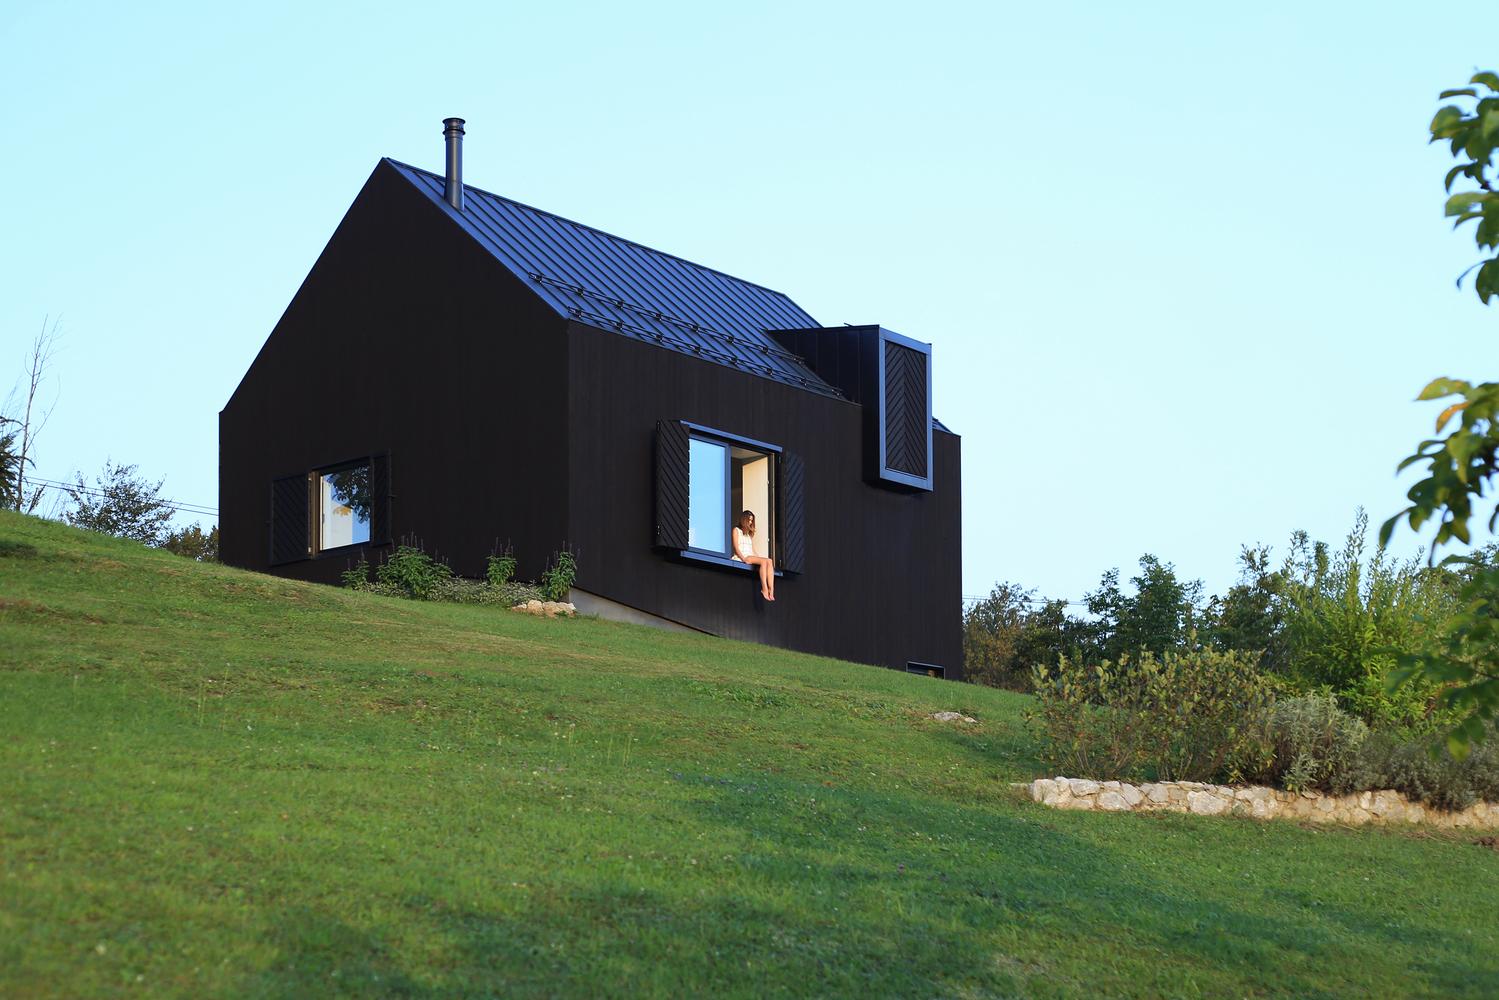 Residential Design Inspiration: Modern Dormers - Studio MM Architect